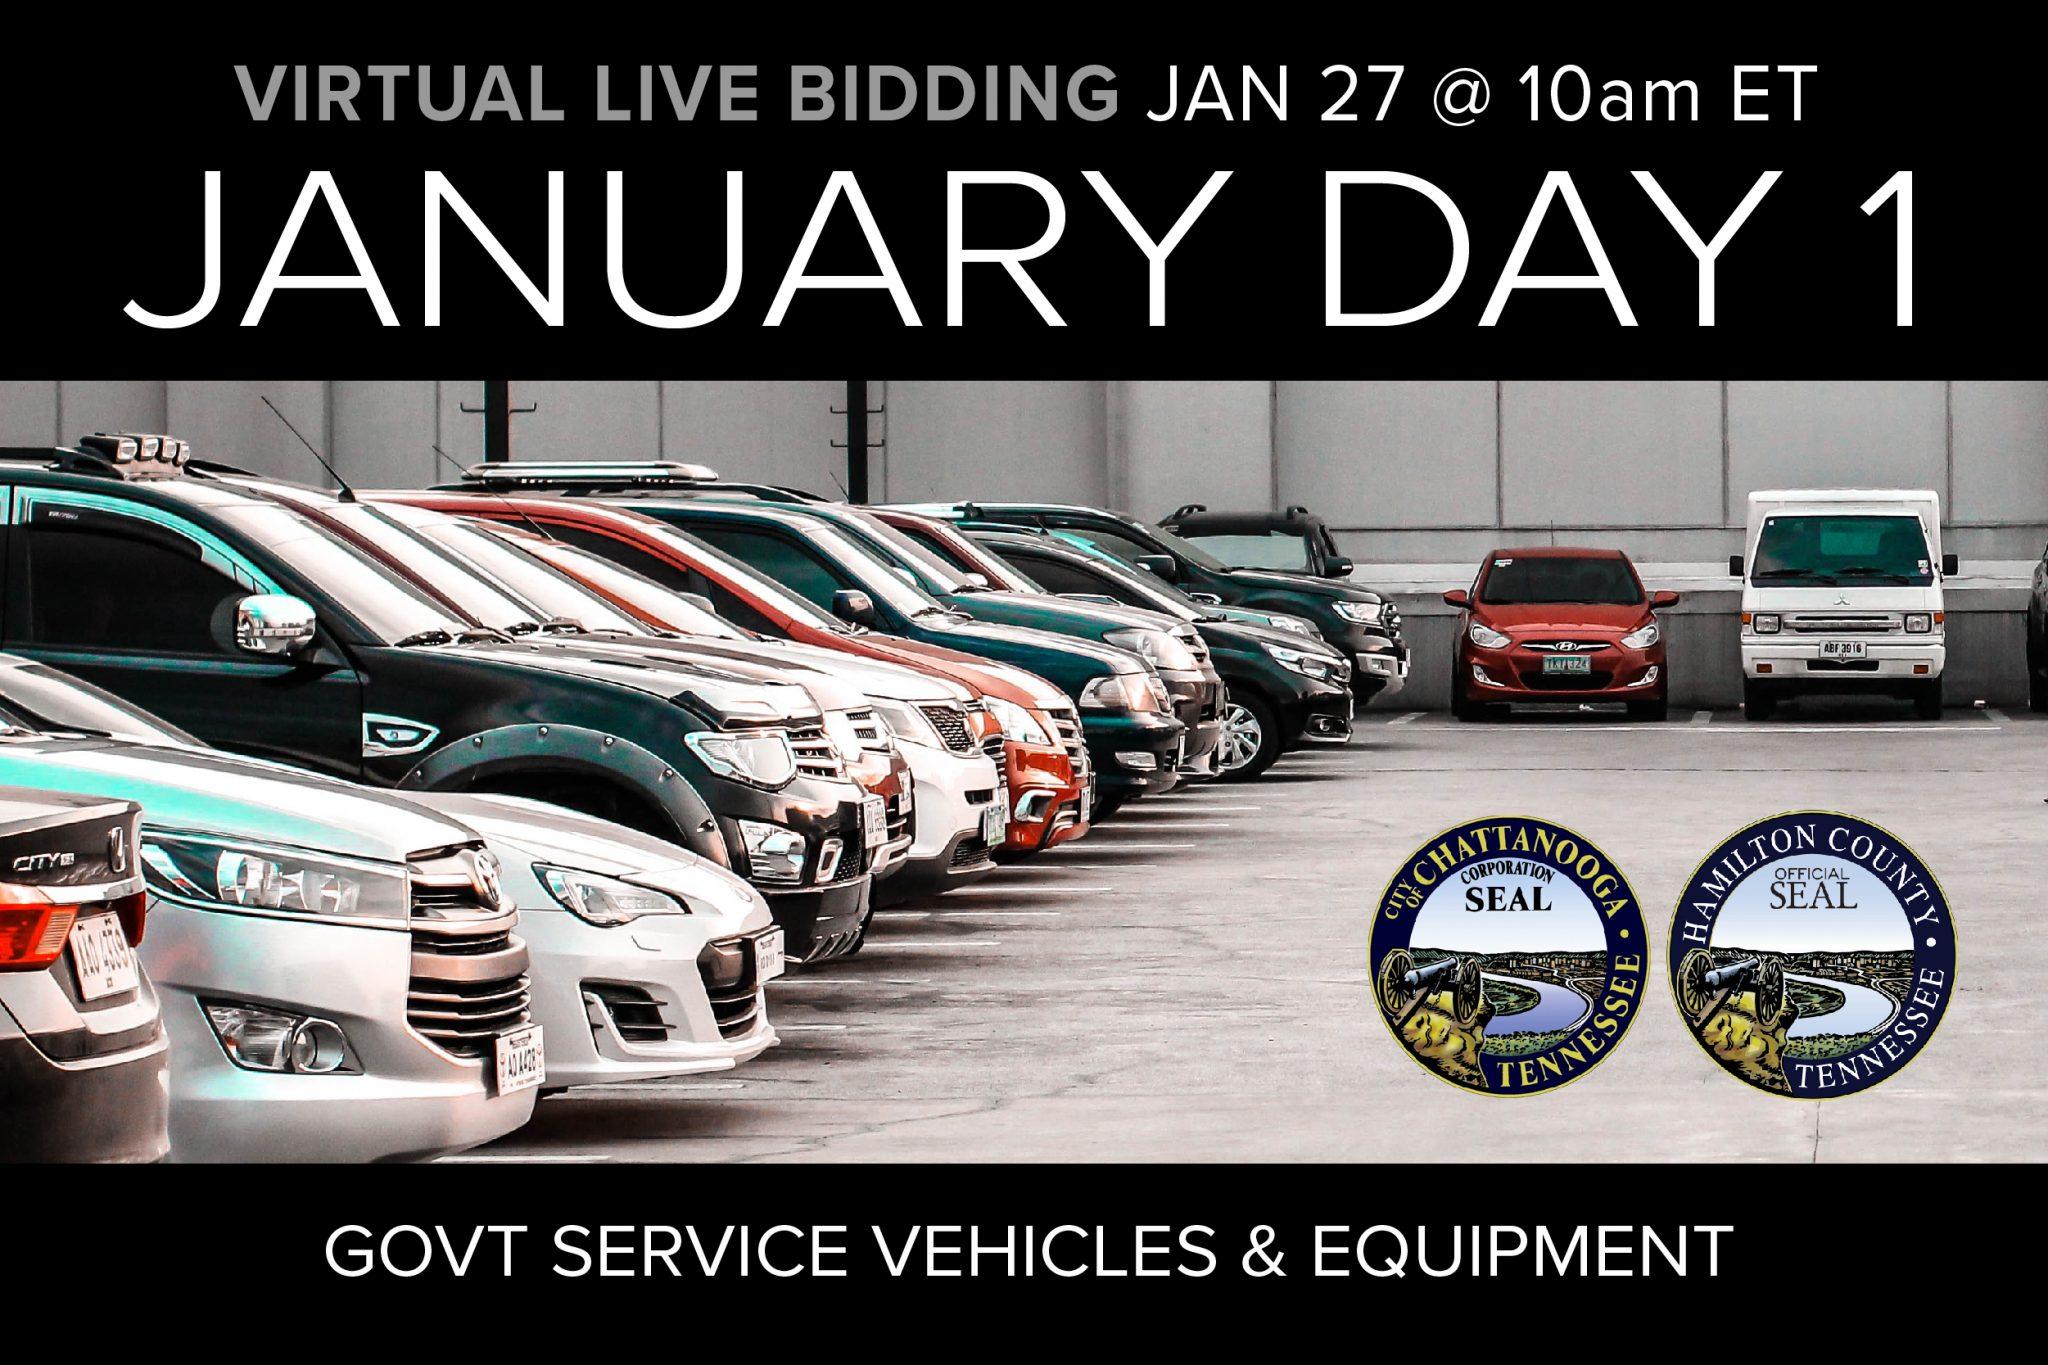 January Day 1 Vehicles